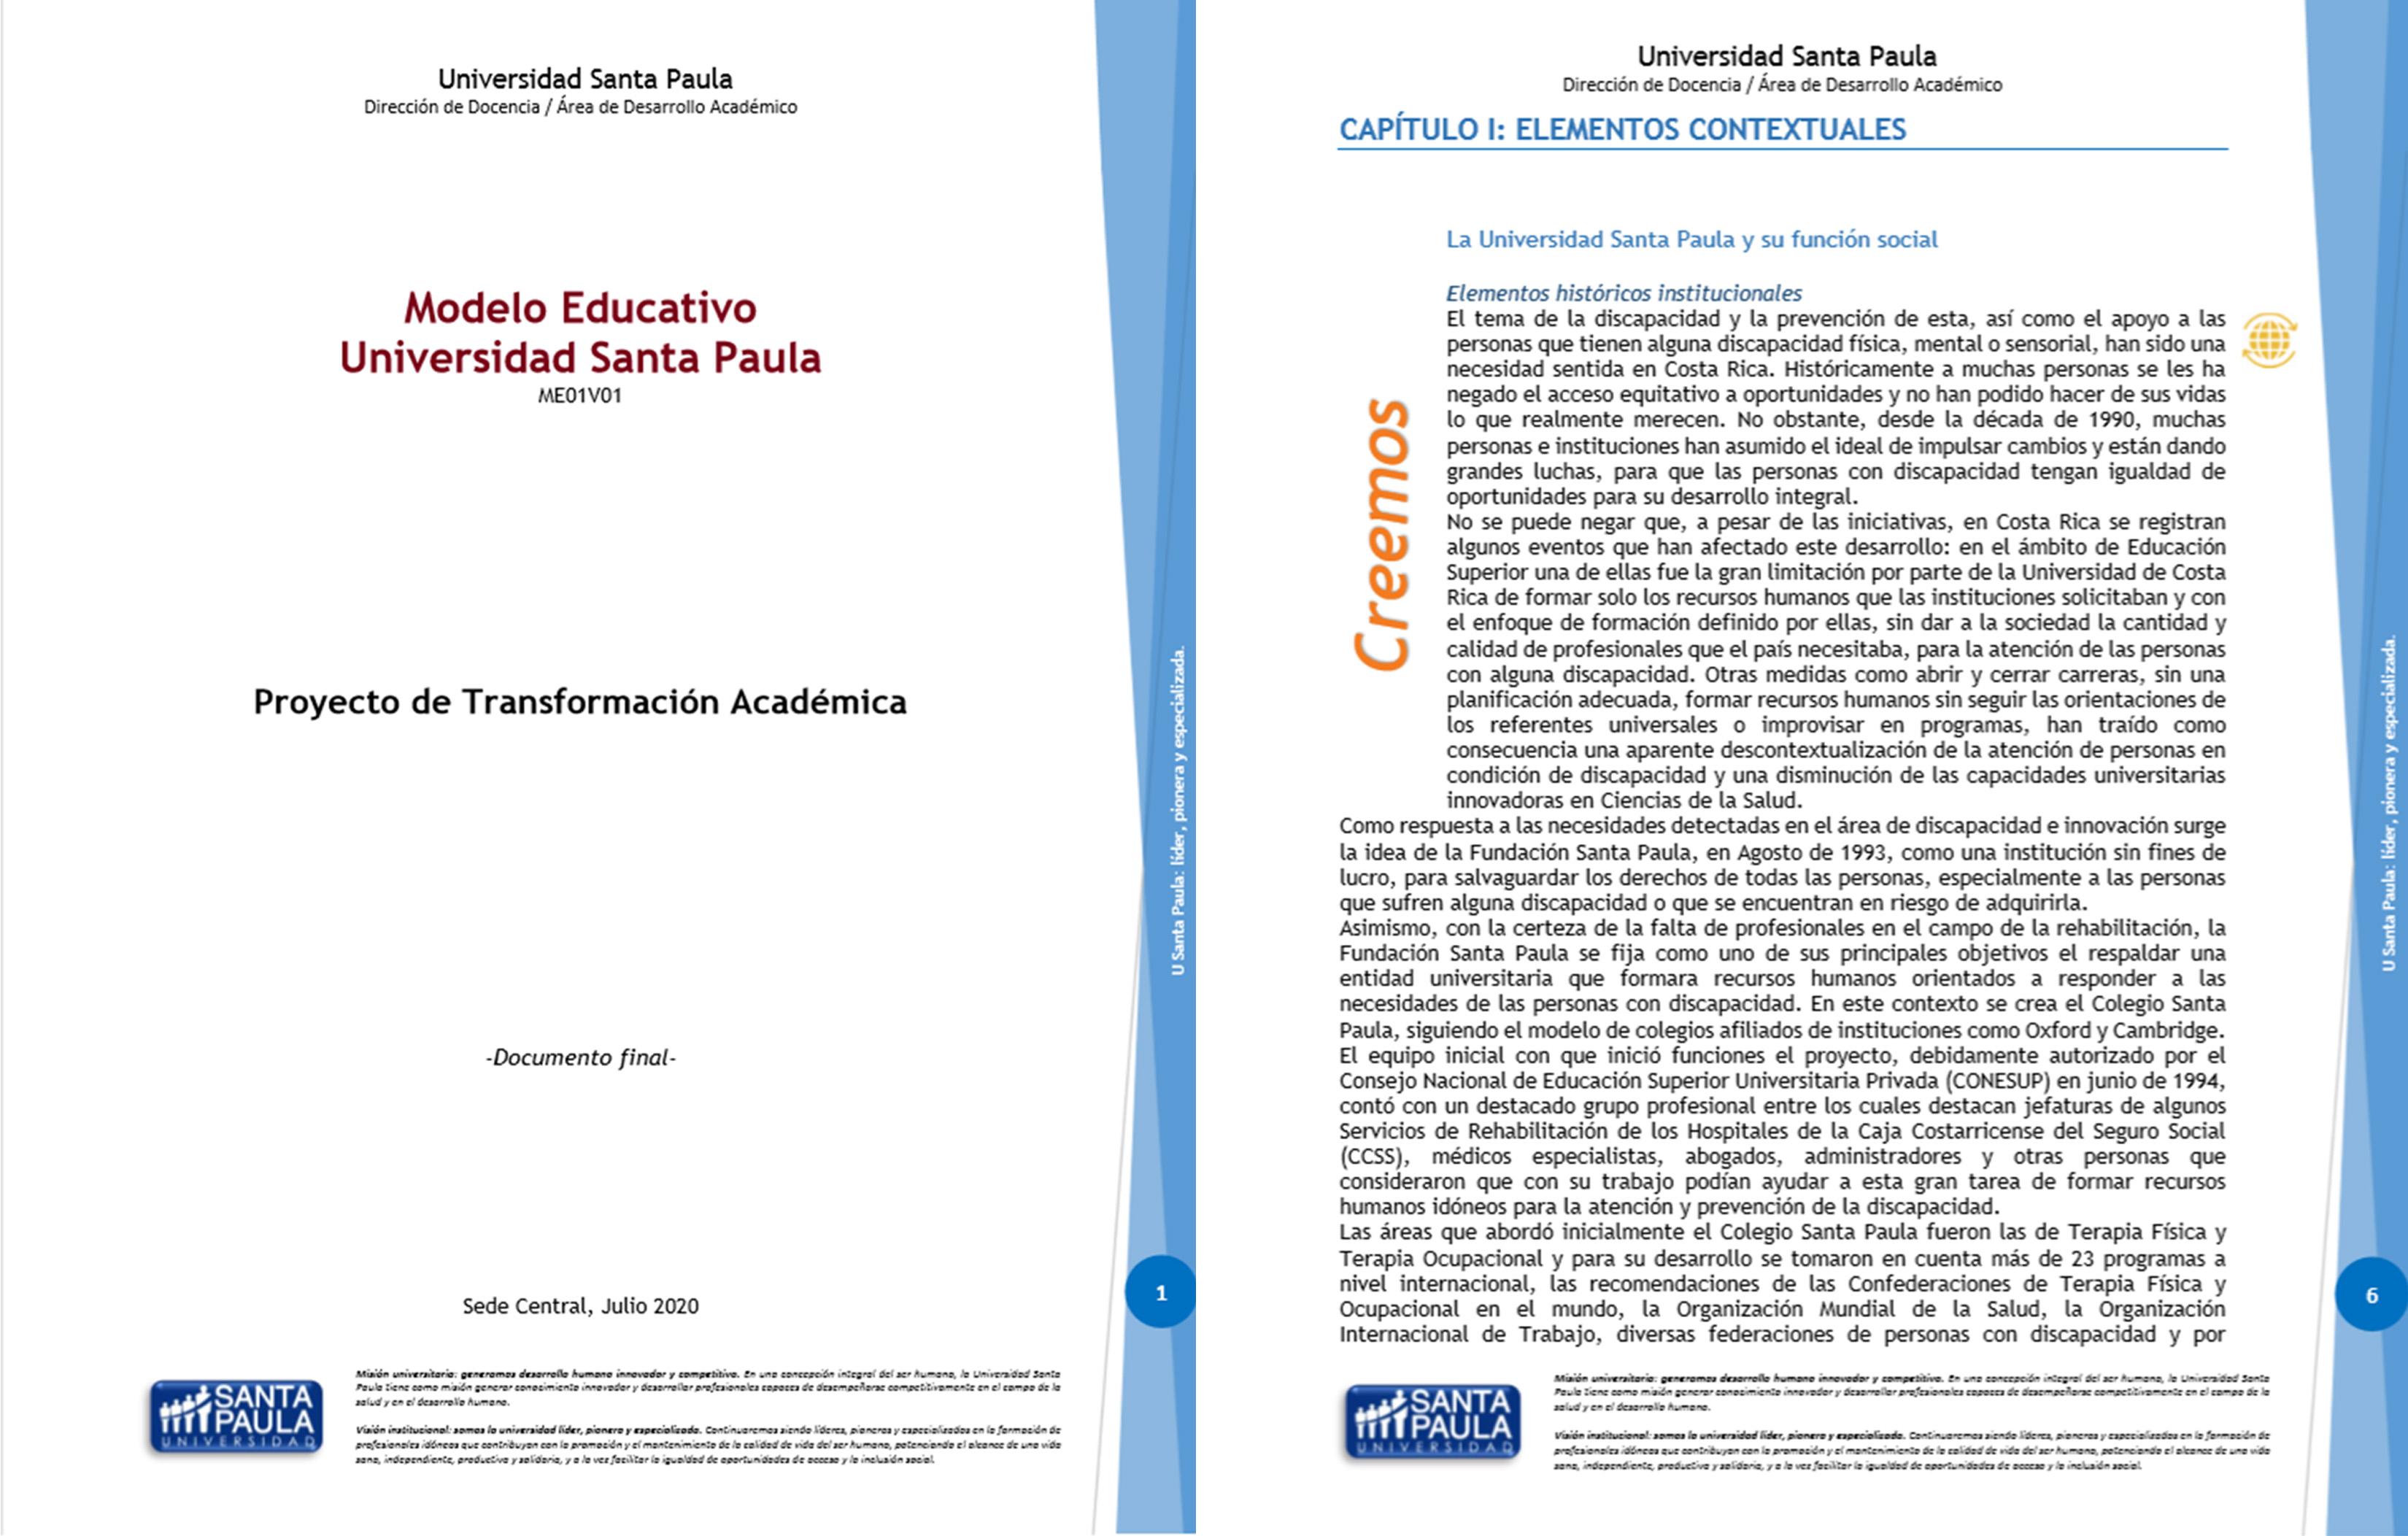 En este momento estás viendo Actualización del Modelo Educativo en U Santa Paula: una oportunidad para la transformación académica y el aprendizaje con visión de futuro.